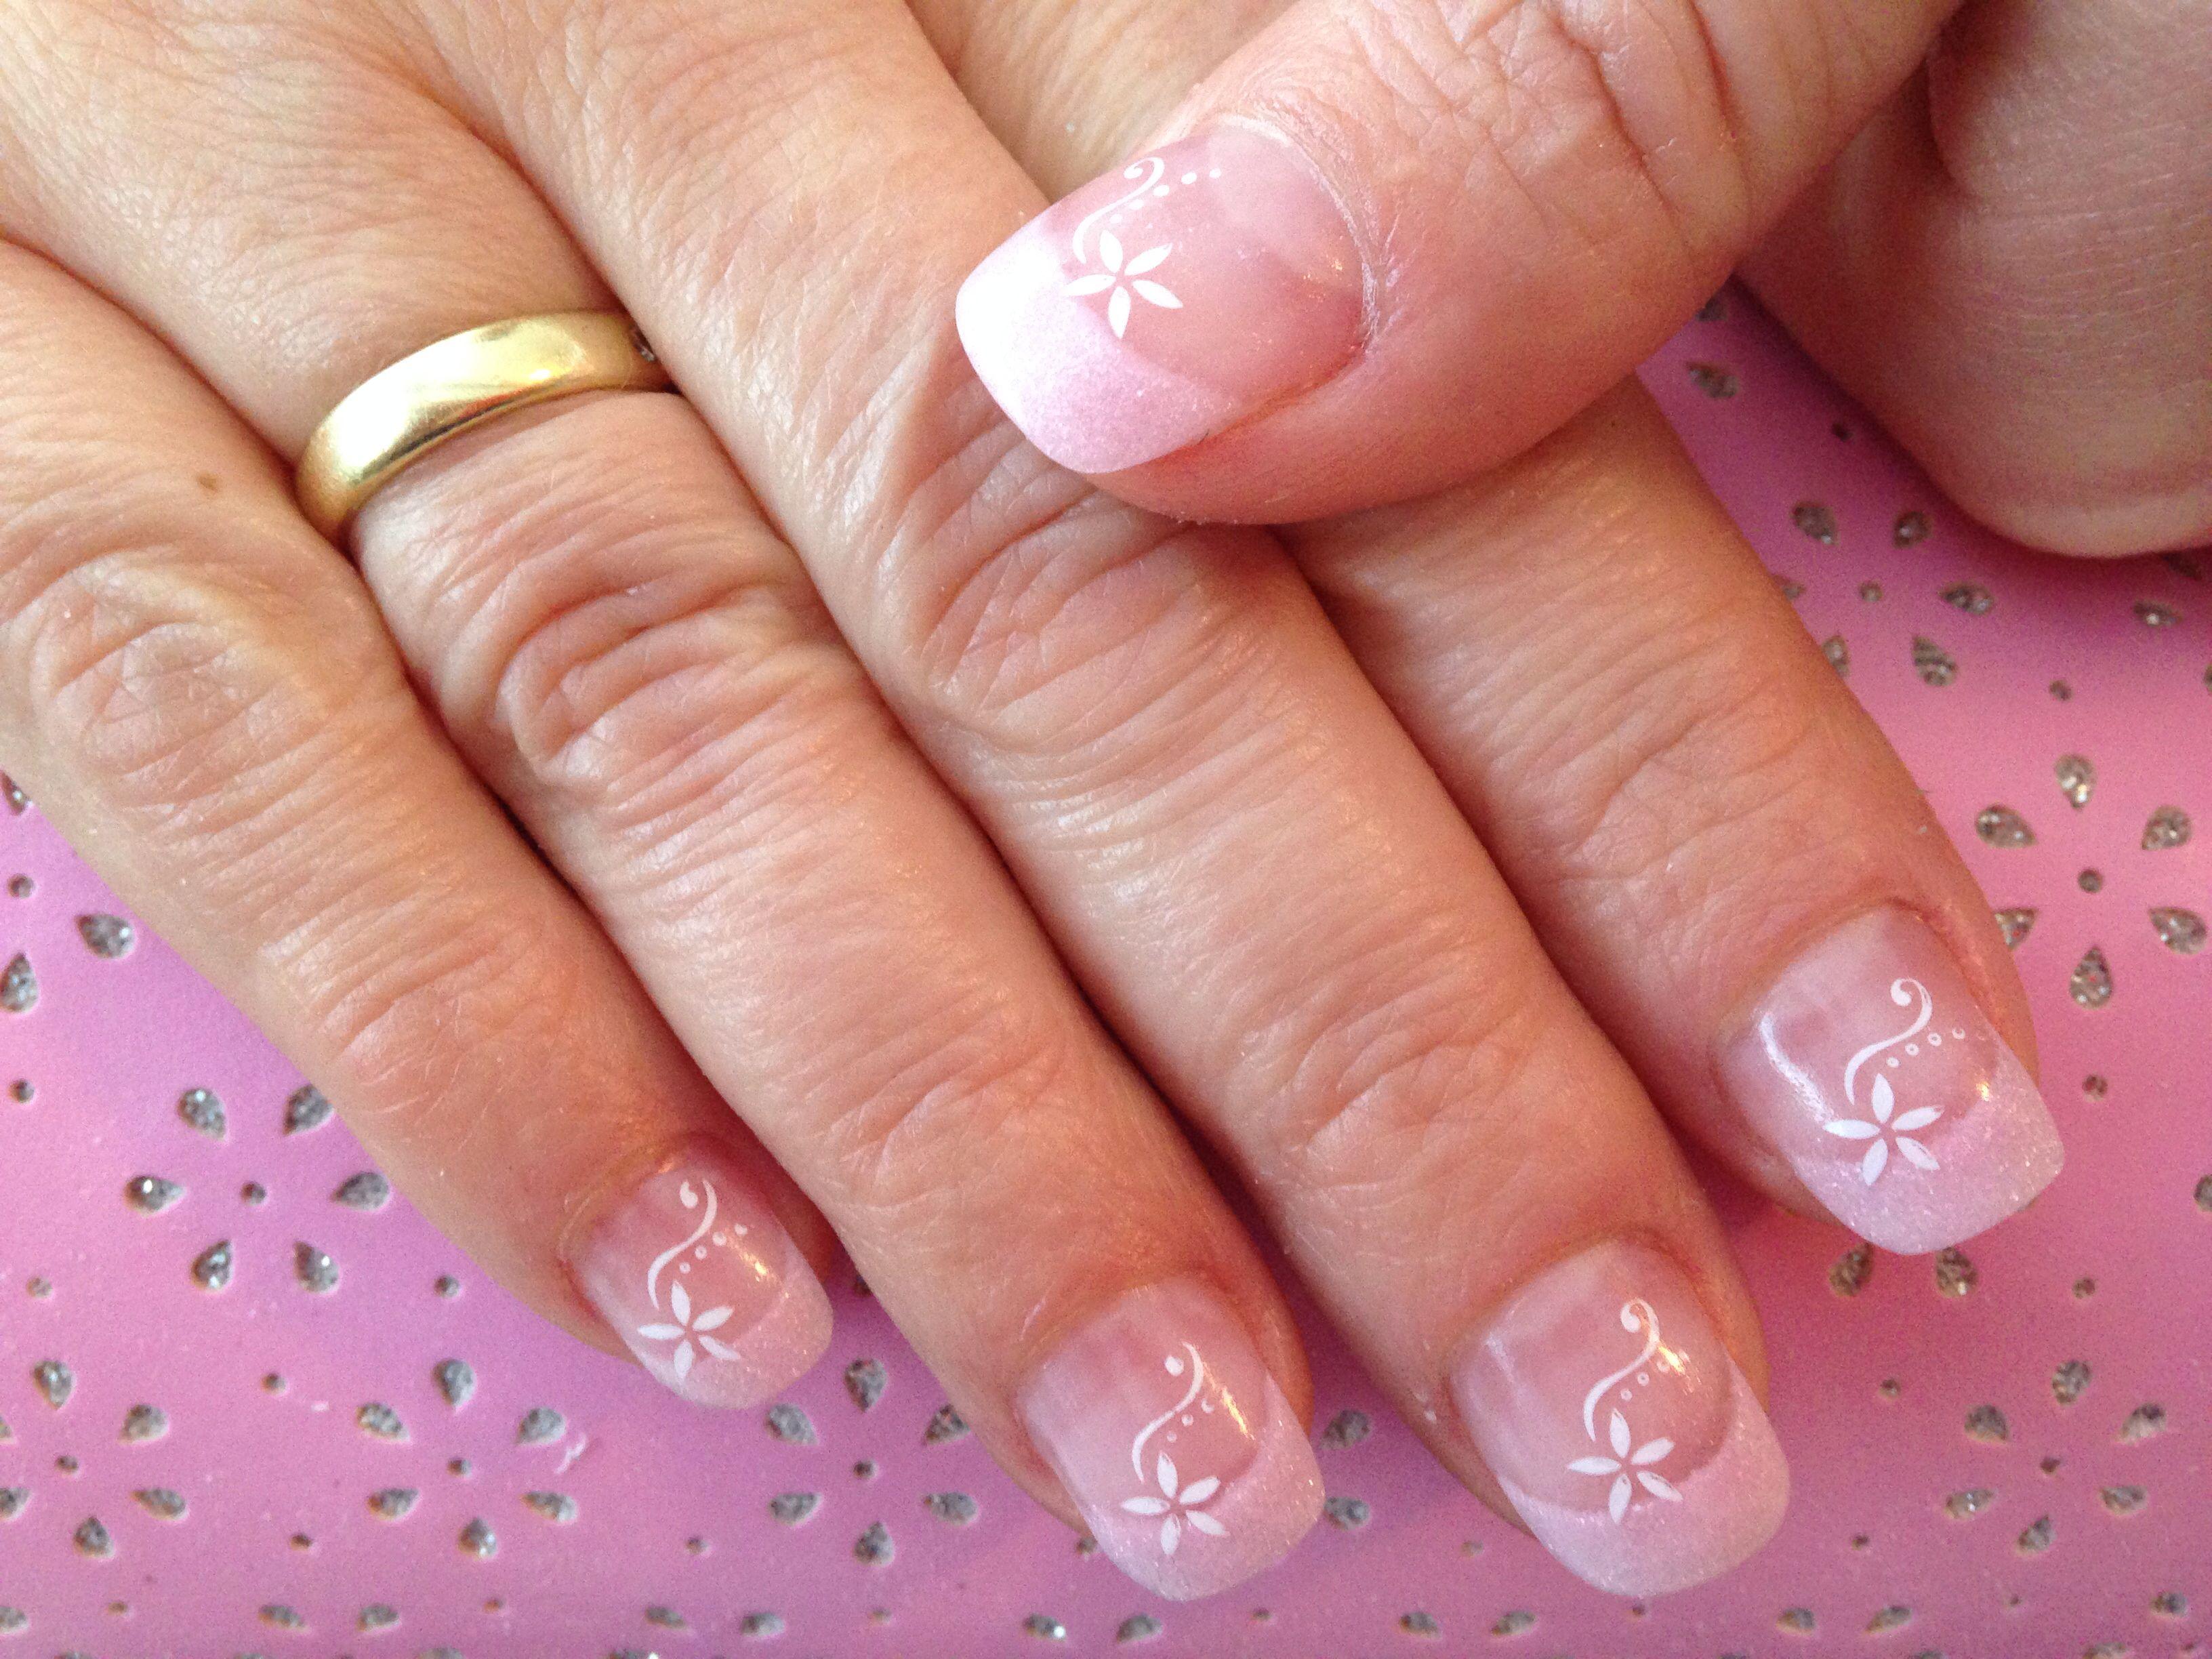 Acryl nagels met konad nail art - Nagels | Pinterest - Acryl, Nagel ...